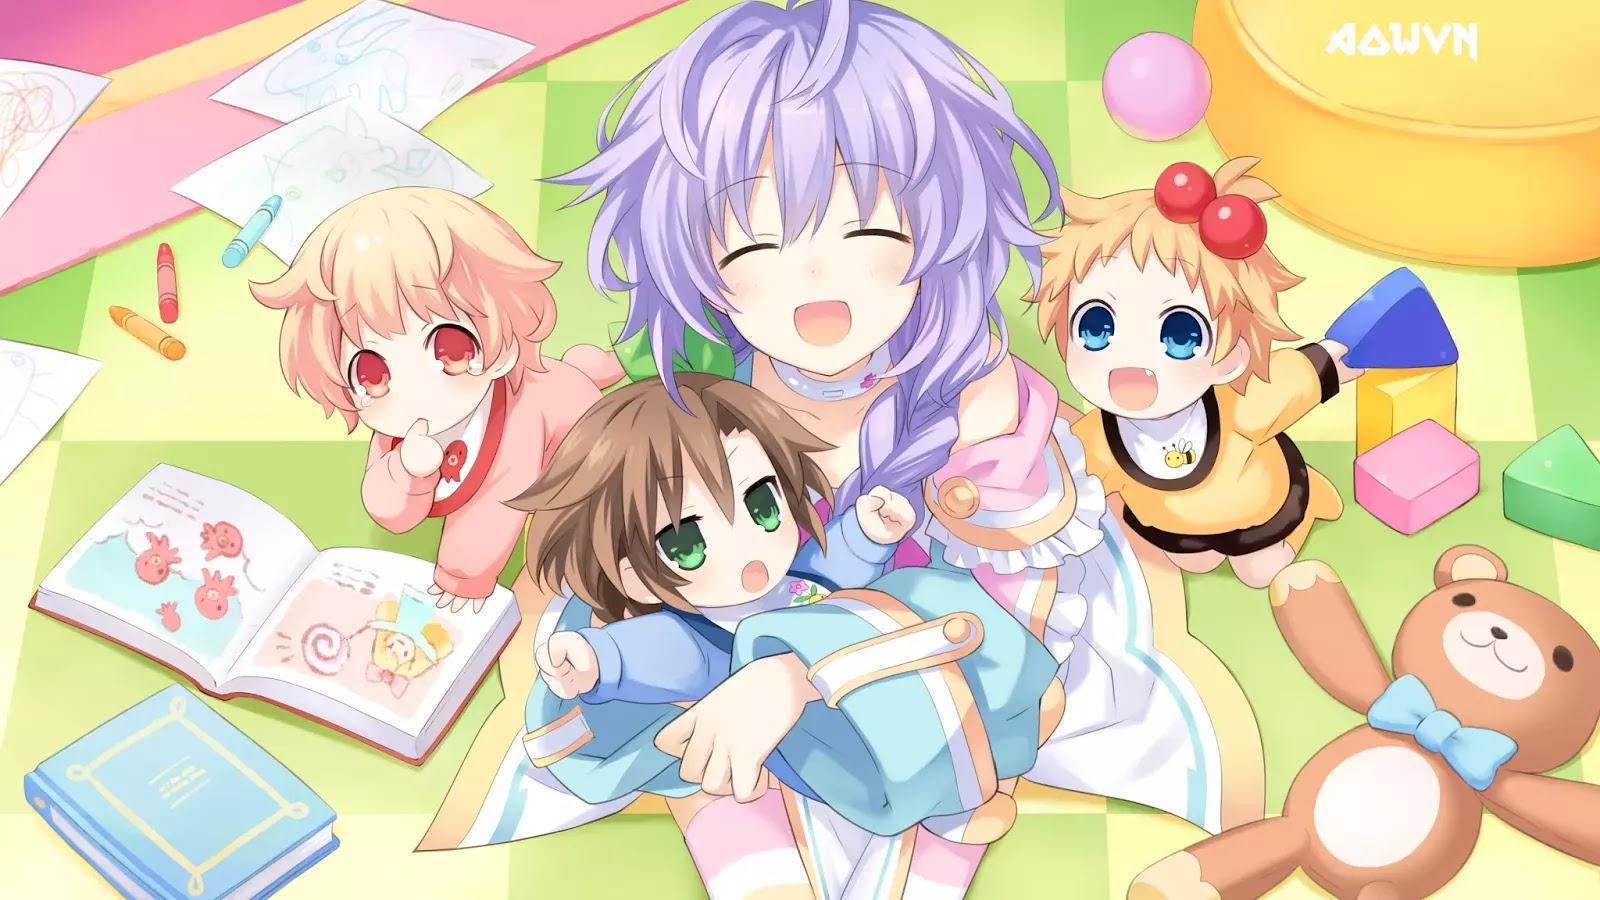 AowVN.org min%2B%252832%2529 - [ Hình Nền ] Game Hyperdimension Neptunia cực đẹp | Anime Wallpapers